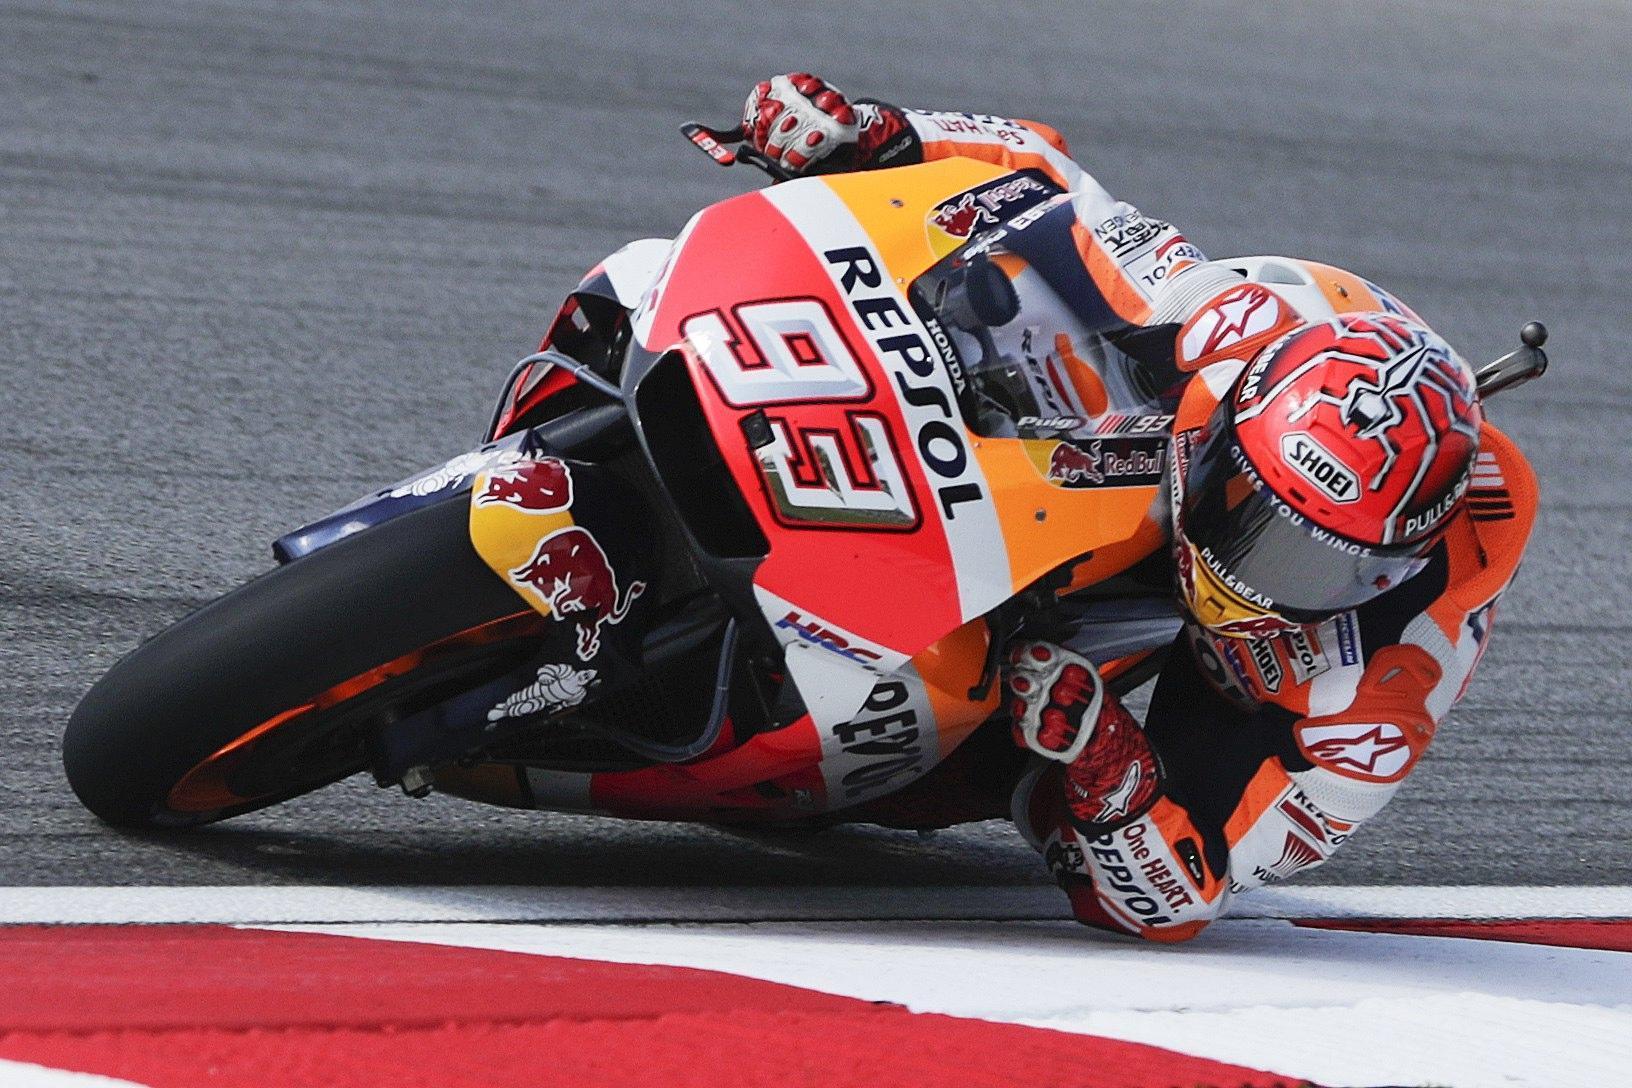 MotoGp: Marquez, ho sensazioni positive